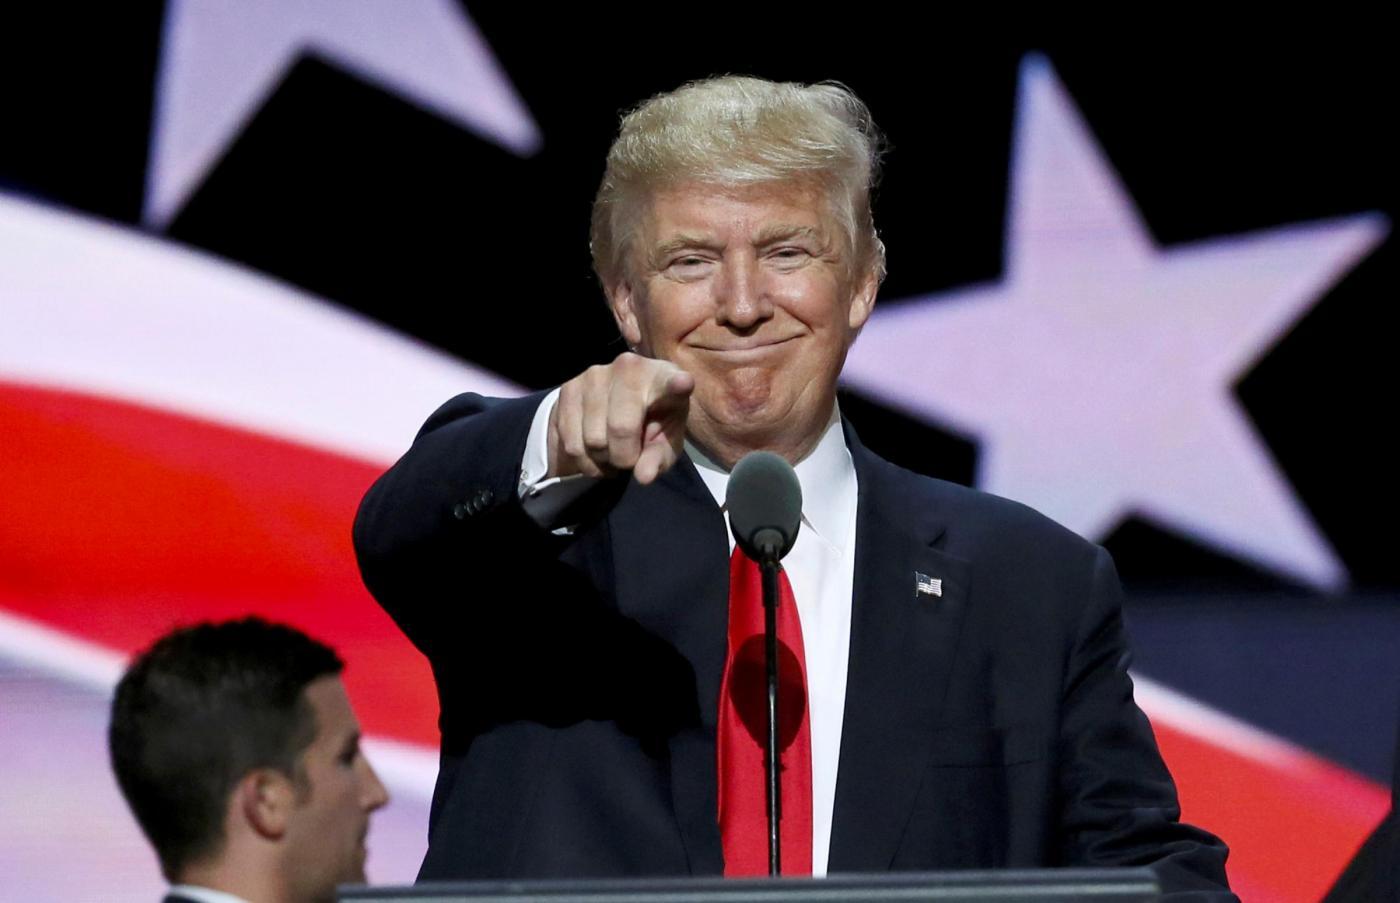 Usa 2016, la corsa di Donald Trump per conquistare voti indecisi